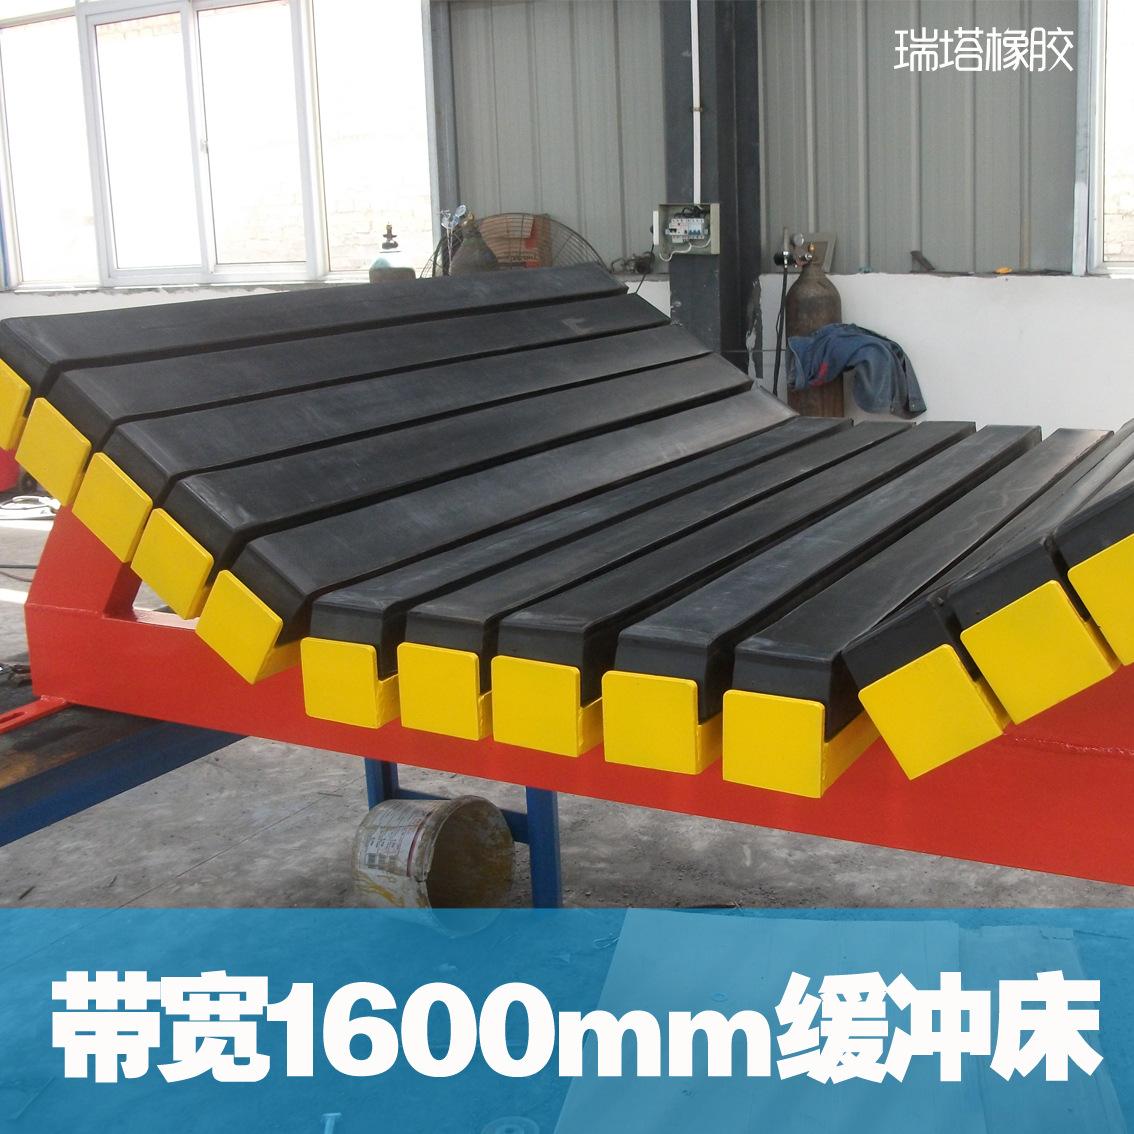 煤矿用皮带机高弹性缓冲床示例图6